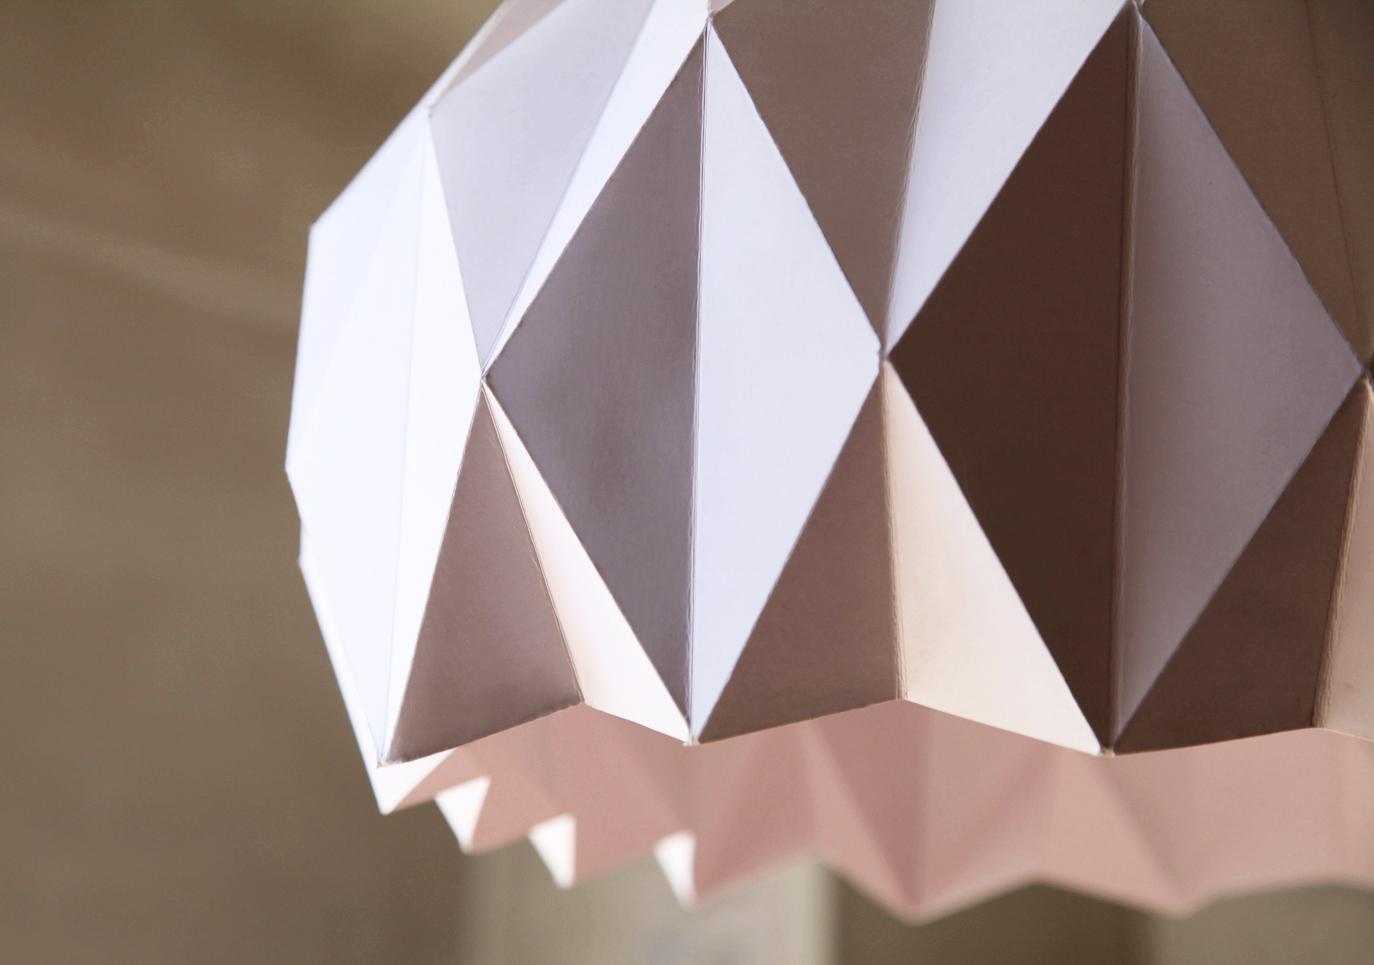 Lampe Suspension Papier Design suspension origami diy - 28 images - suspension diy origami